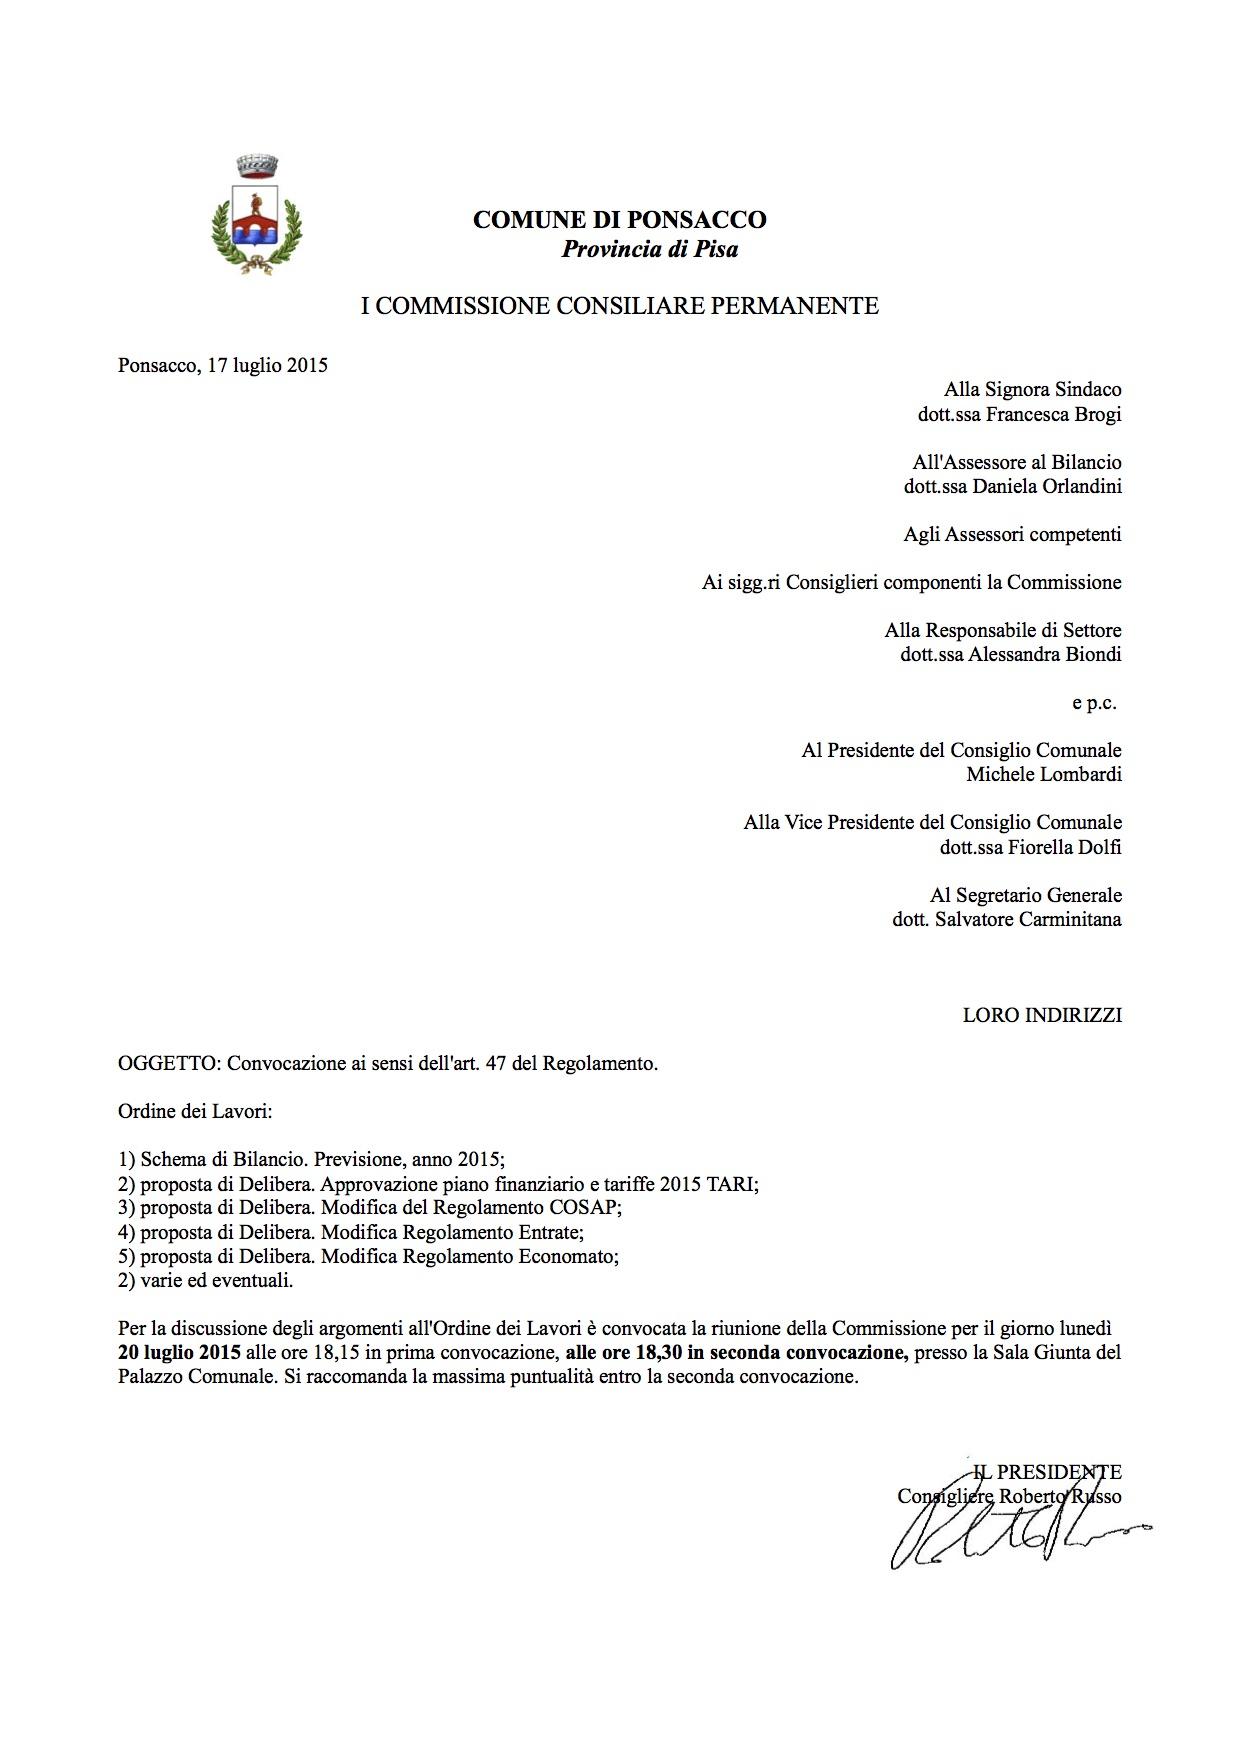 CONVOCAZIONE I COMMISSIONE 20072015